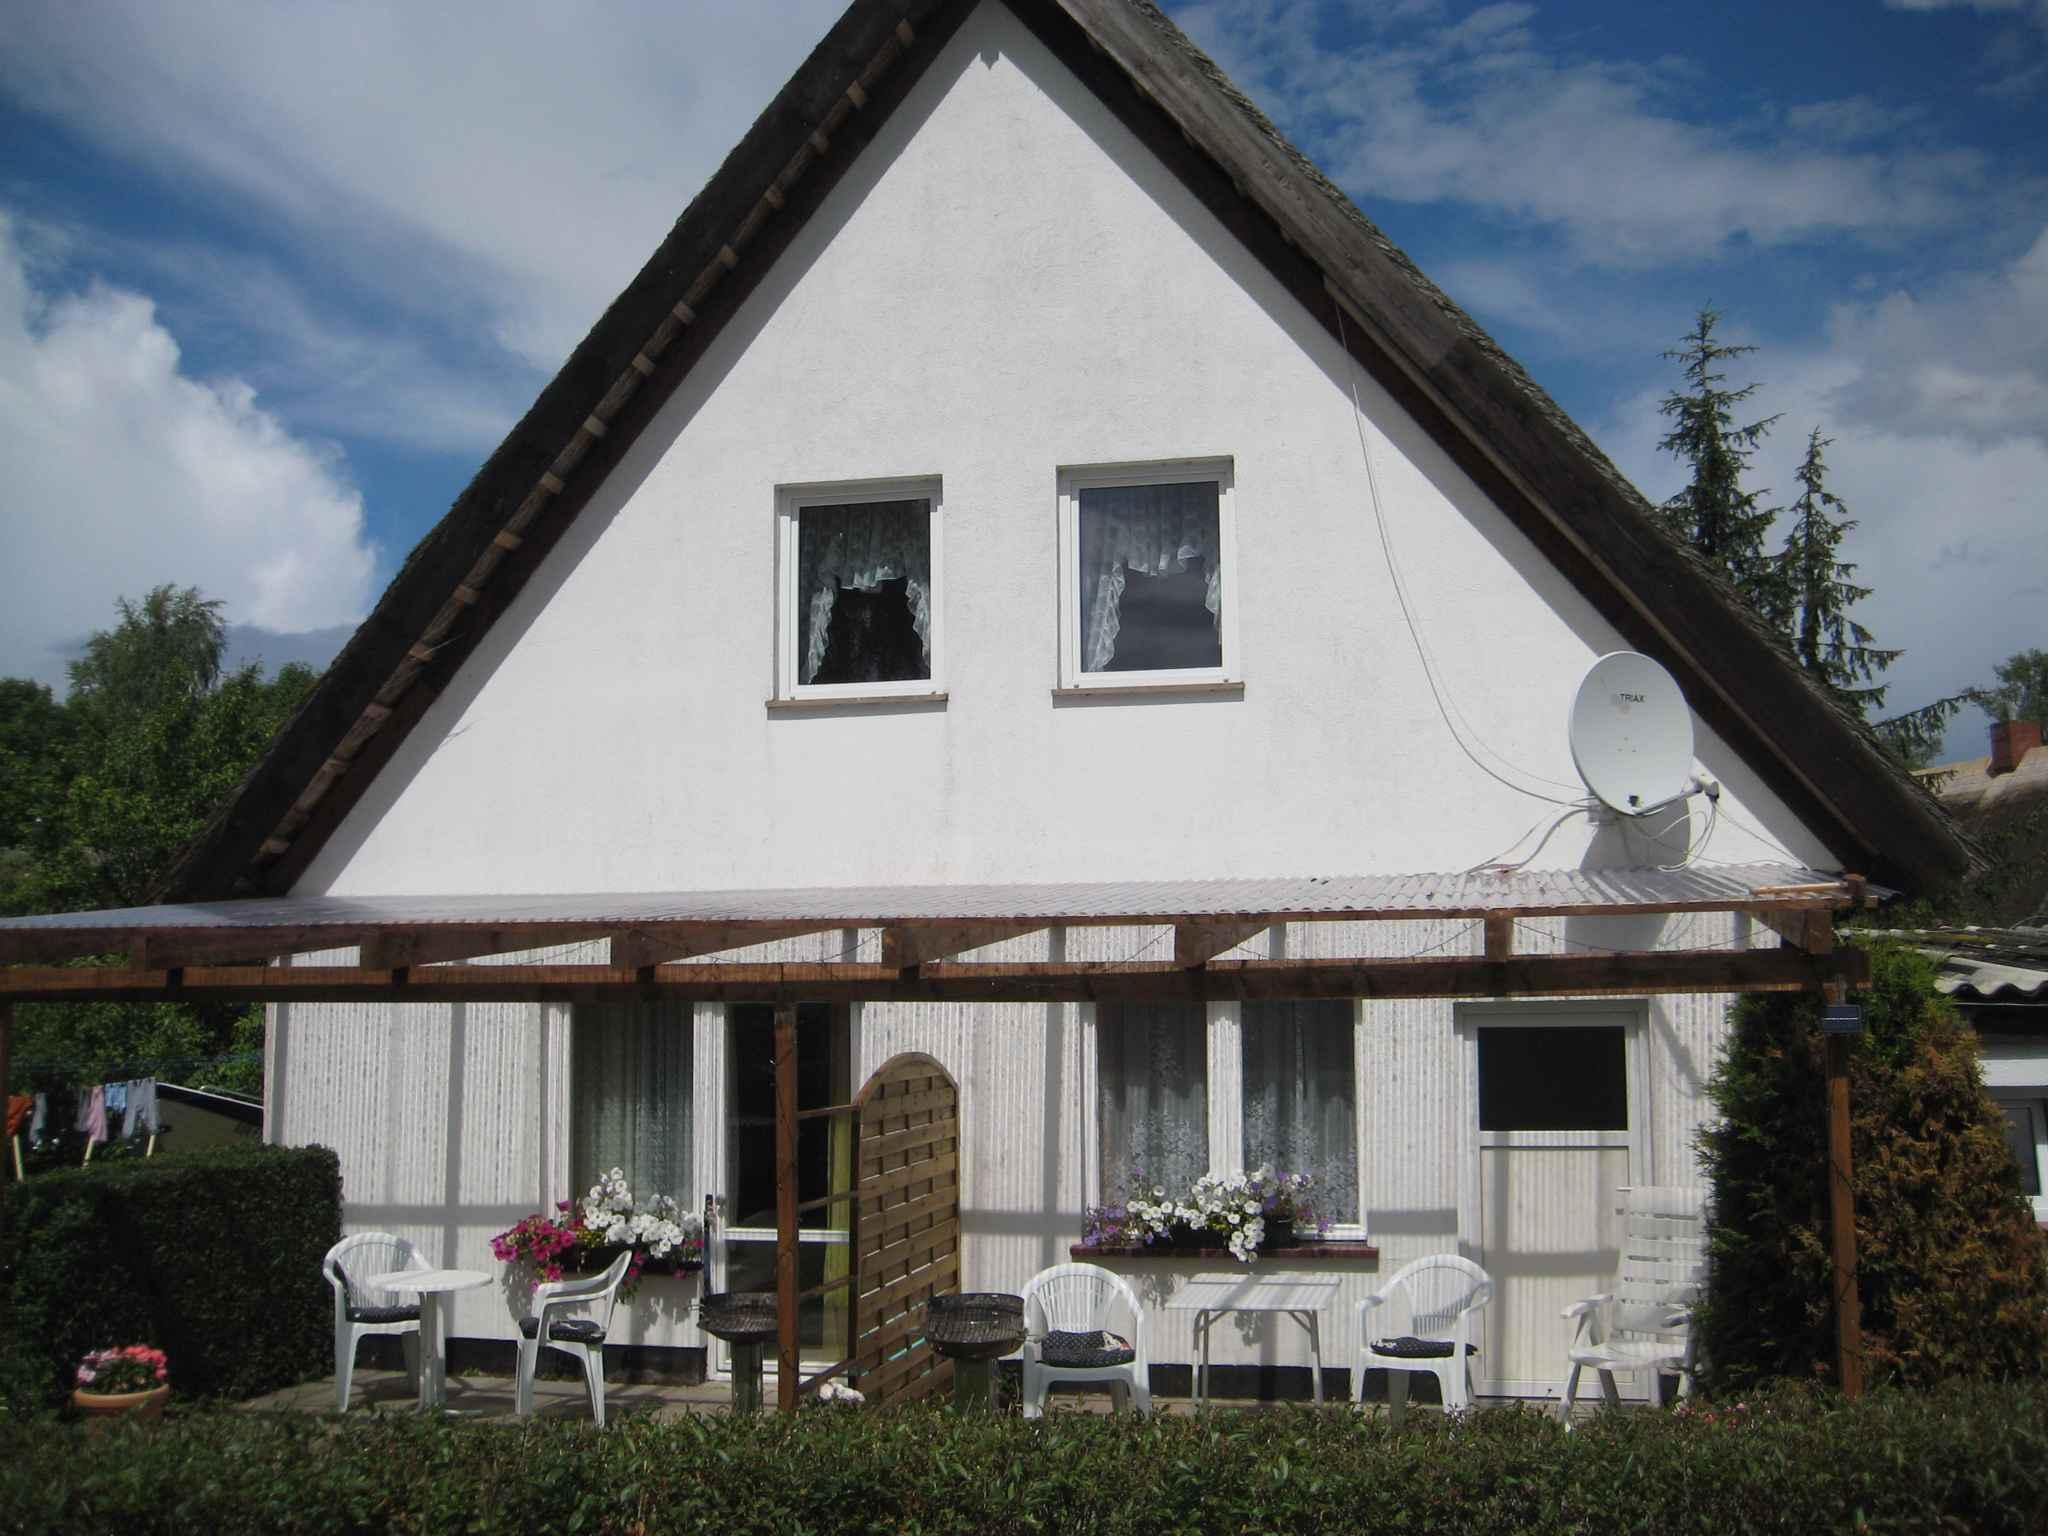 Ferienwohnung Studio mit Terrasse nur 200 m zum Naturstrand an der Peene (334506), Warthe, Usedom, Mecklenburg-Vorpommern, Deutschland, Bild 2